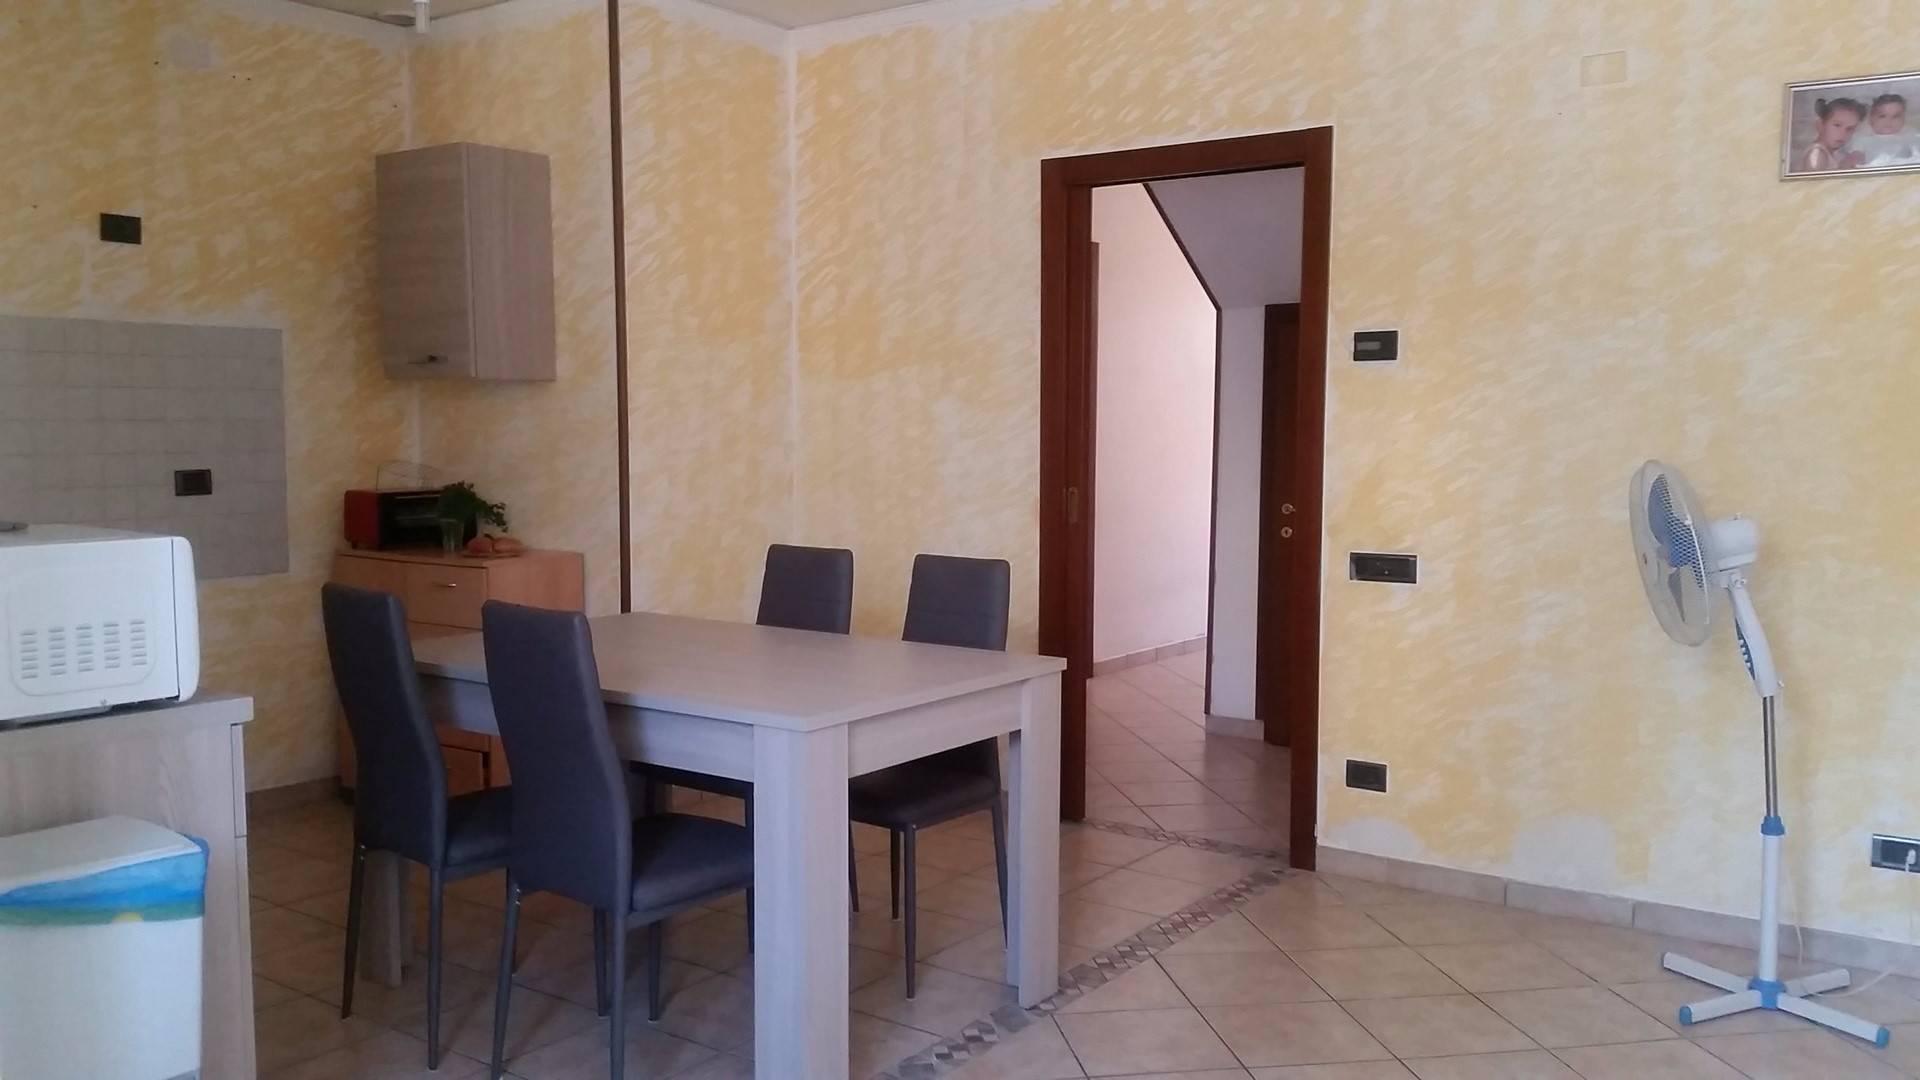 Soluzione Indipendente in vendita a Belfiore, 7 locali, prezzo € 130.000 | CambioCasa.it